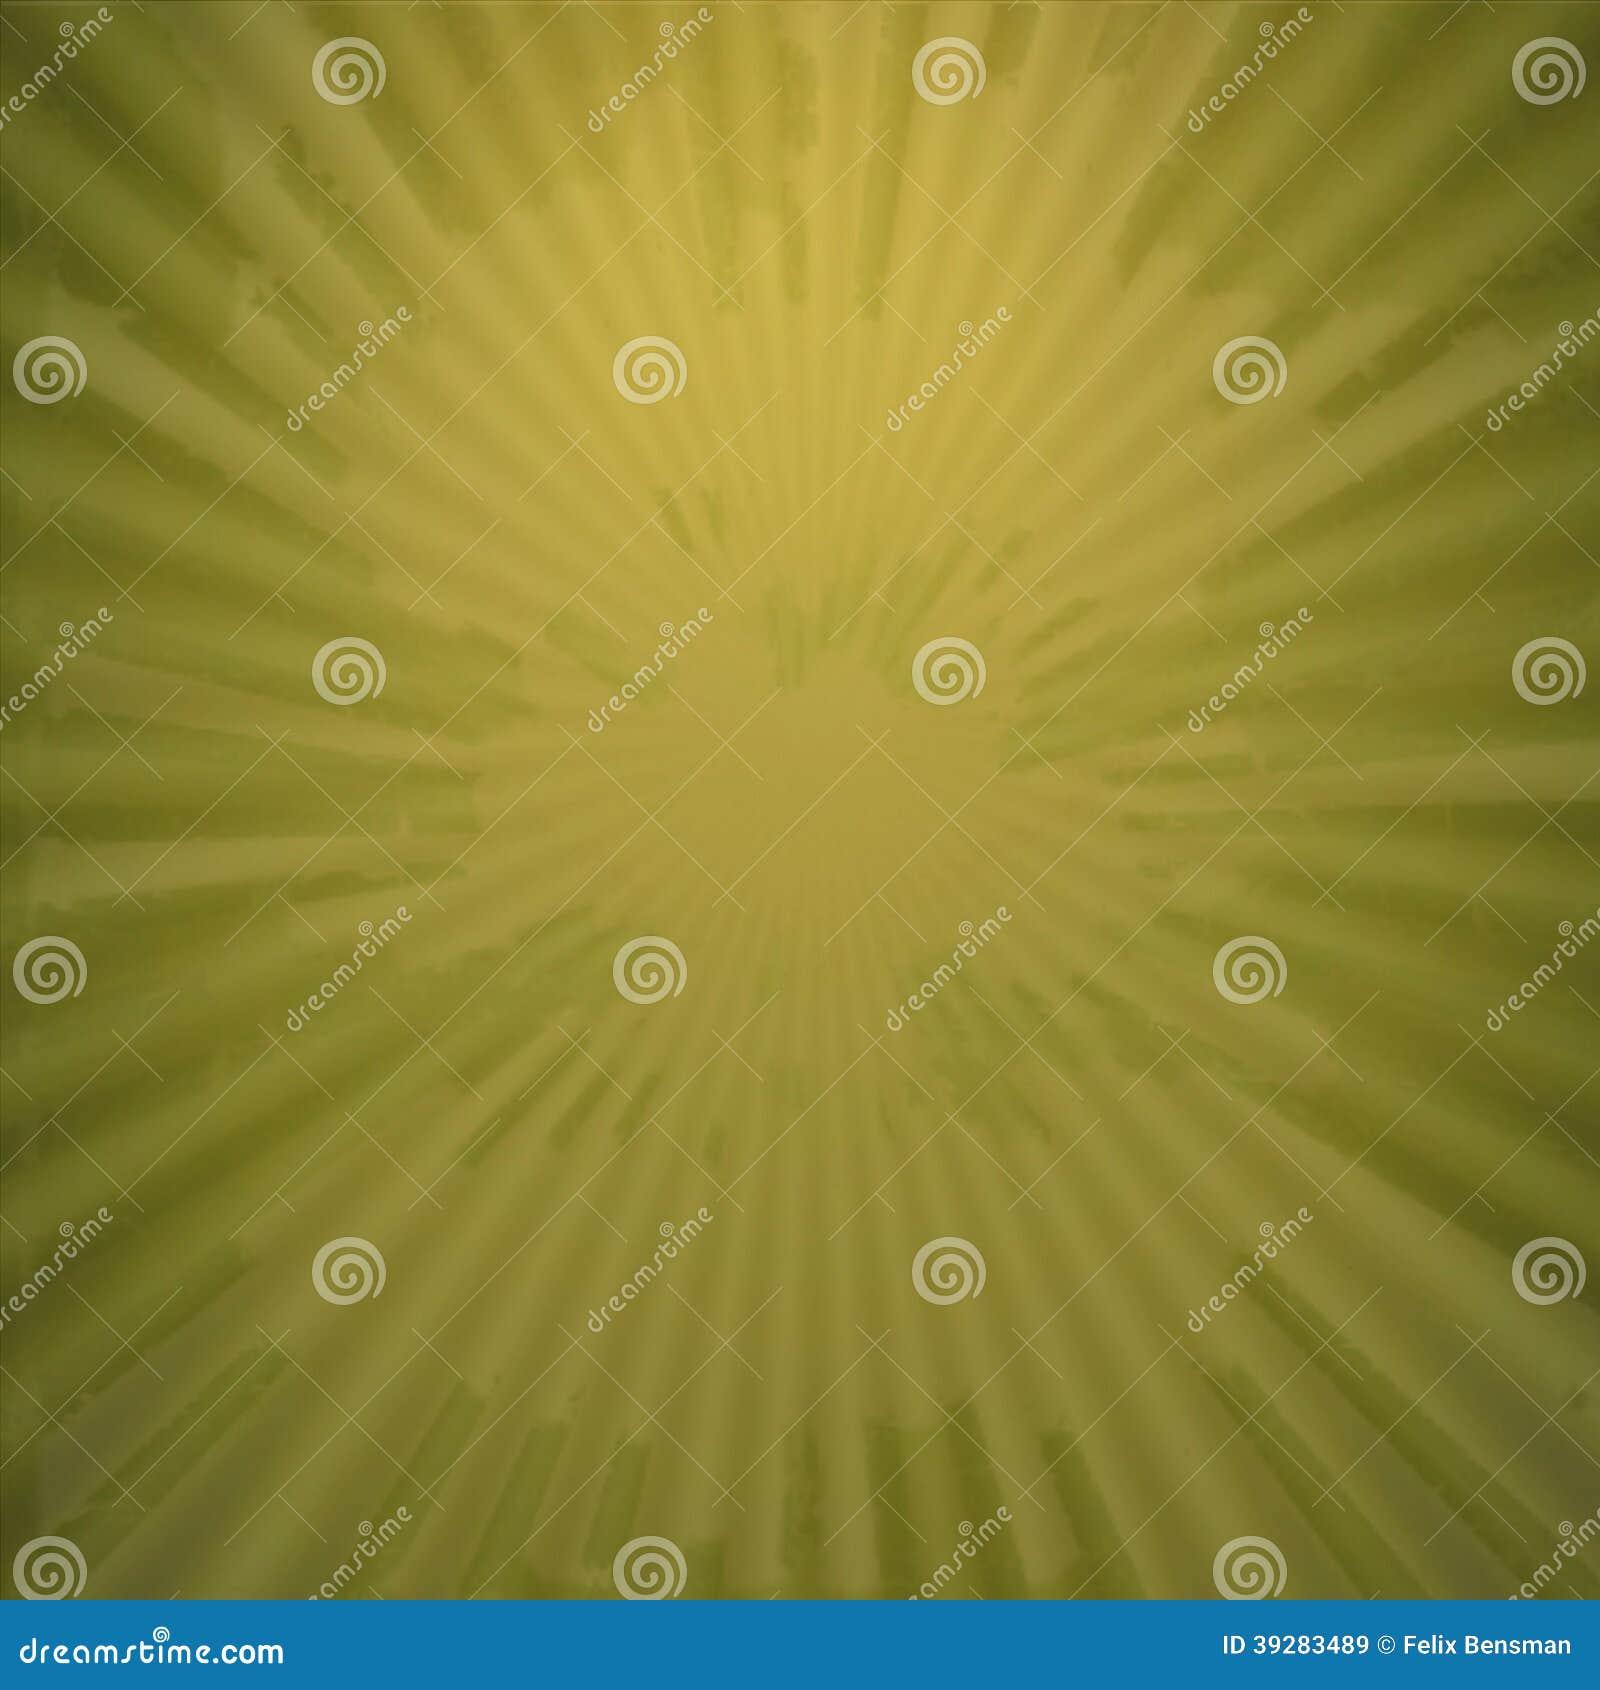 Stralen in abstract groen geel heelal